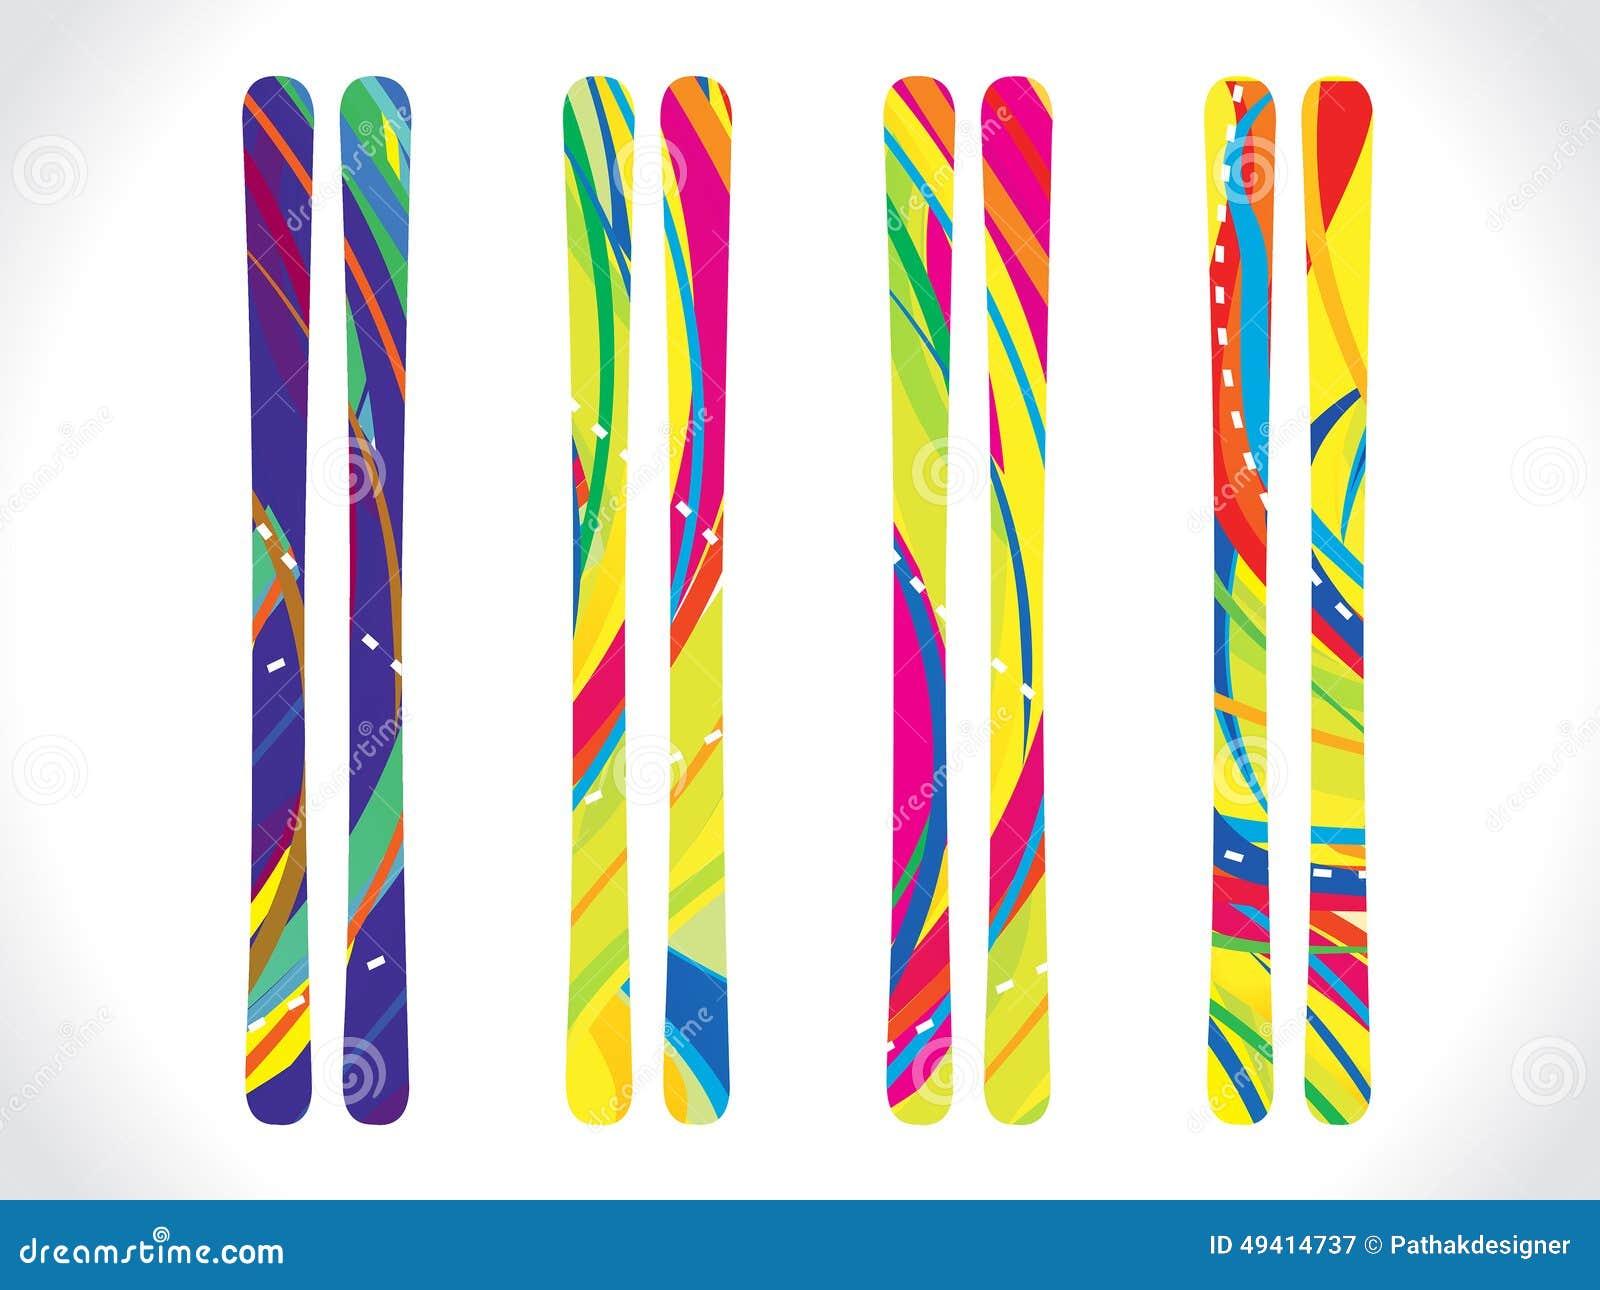 Download Abstrakte Mehrfache Bunte Himmel Eingestellt Vektor Abbildung - Illustration von drehzahl, snowboarding: 49414737